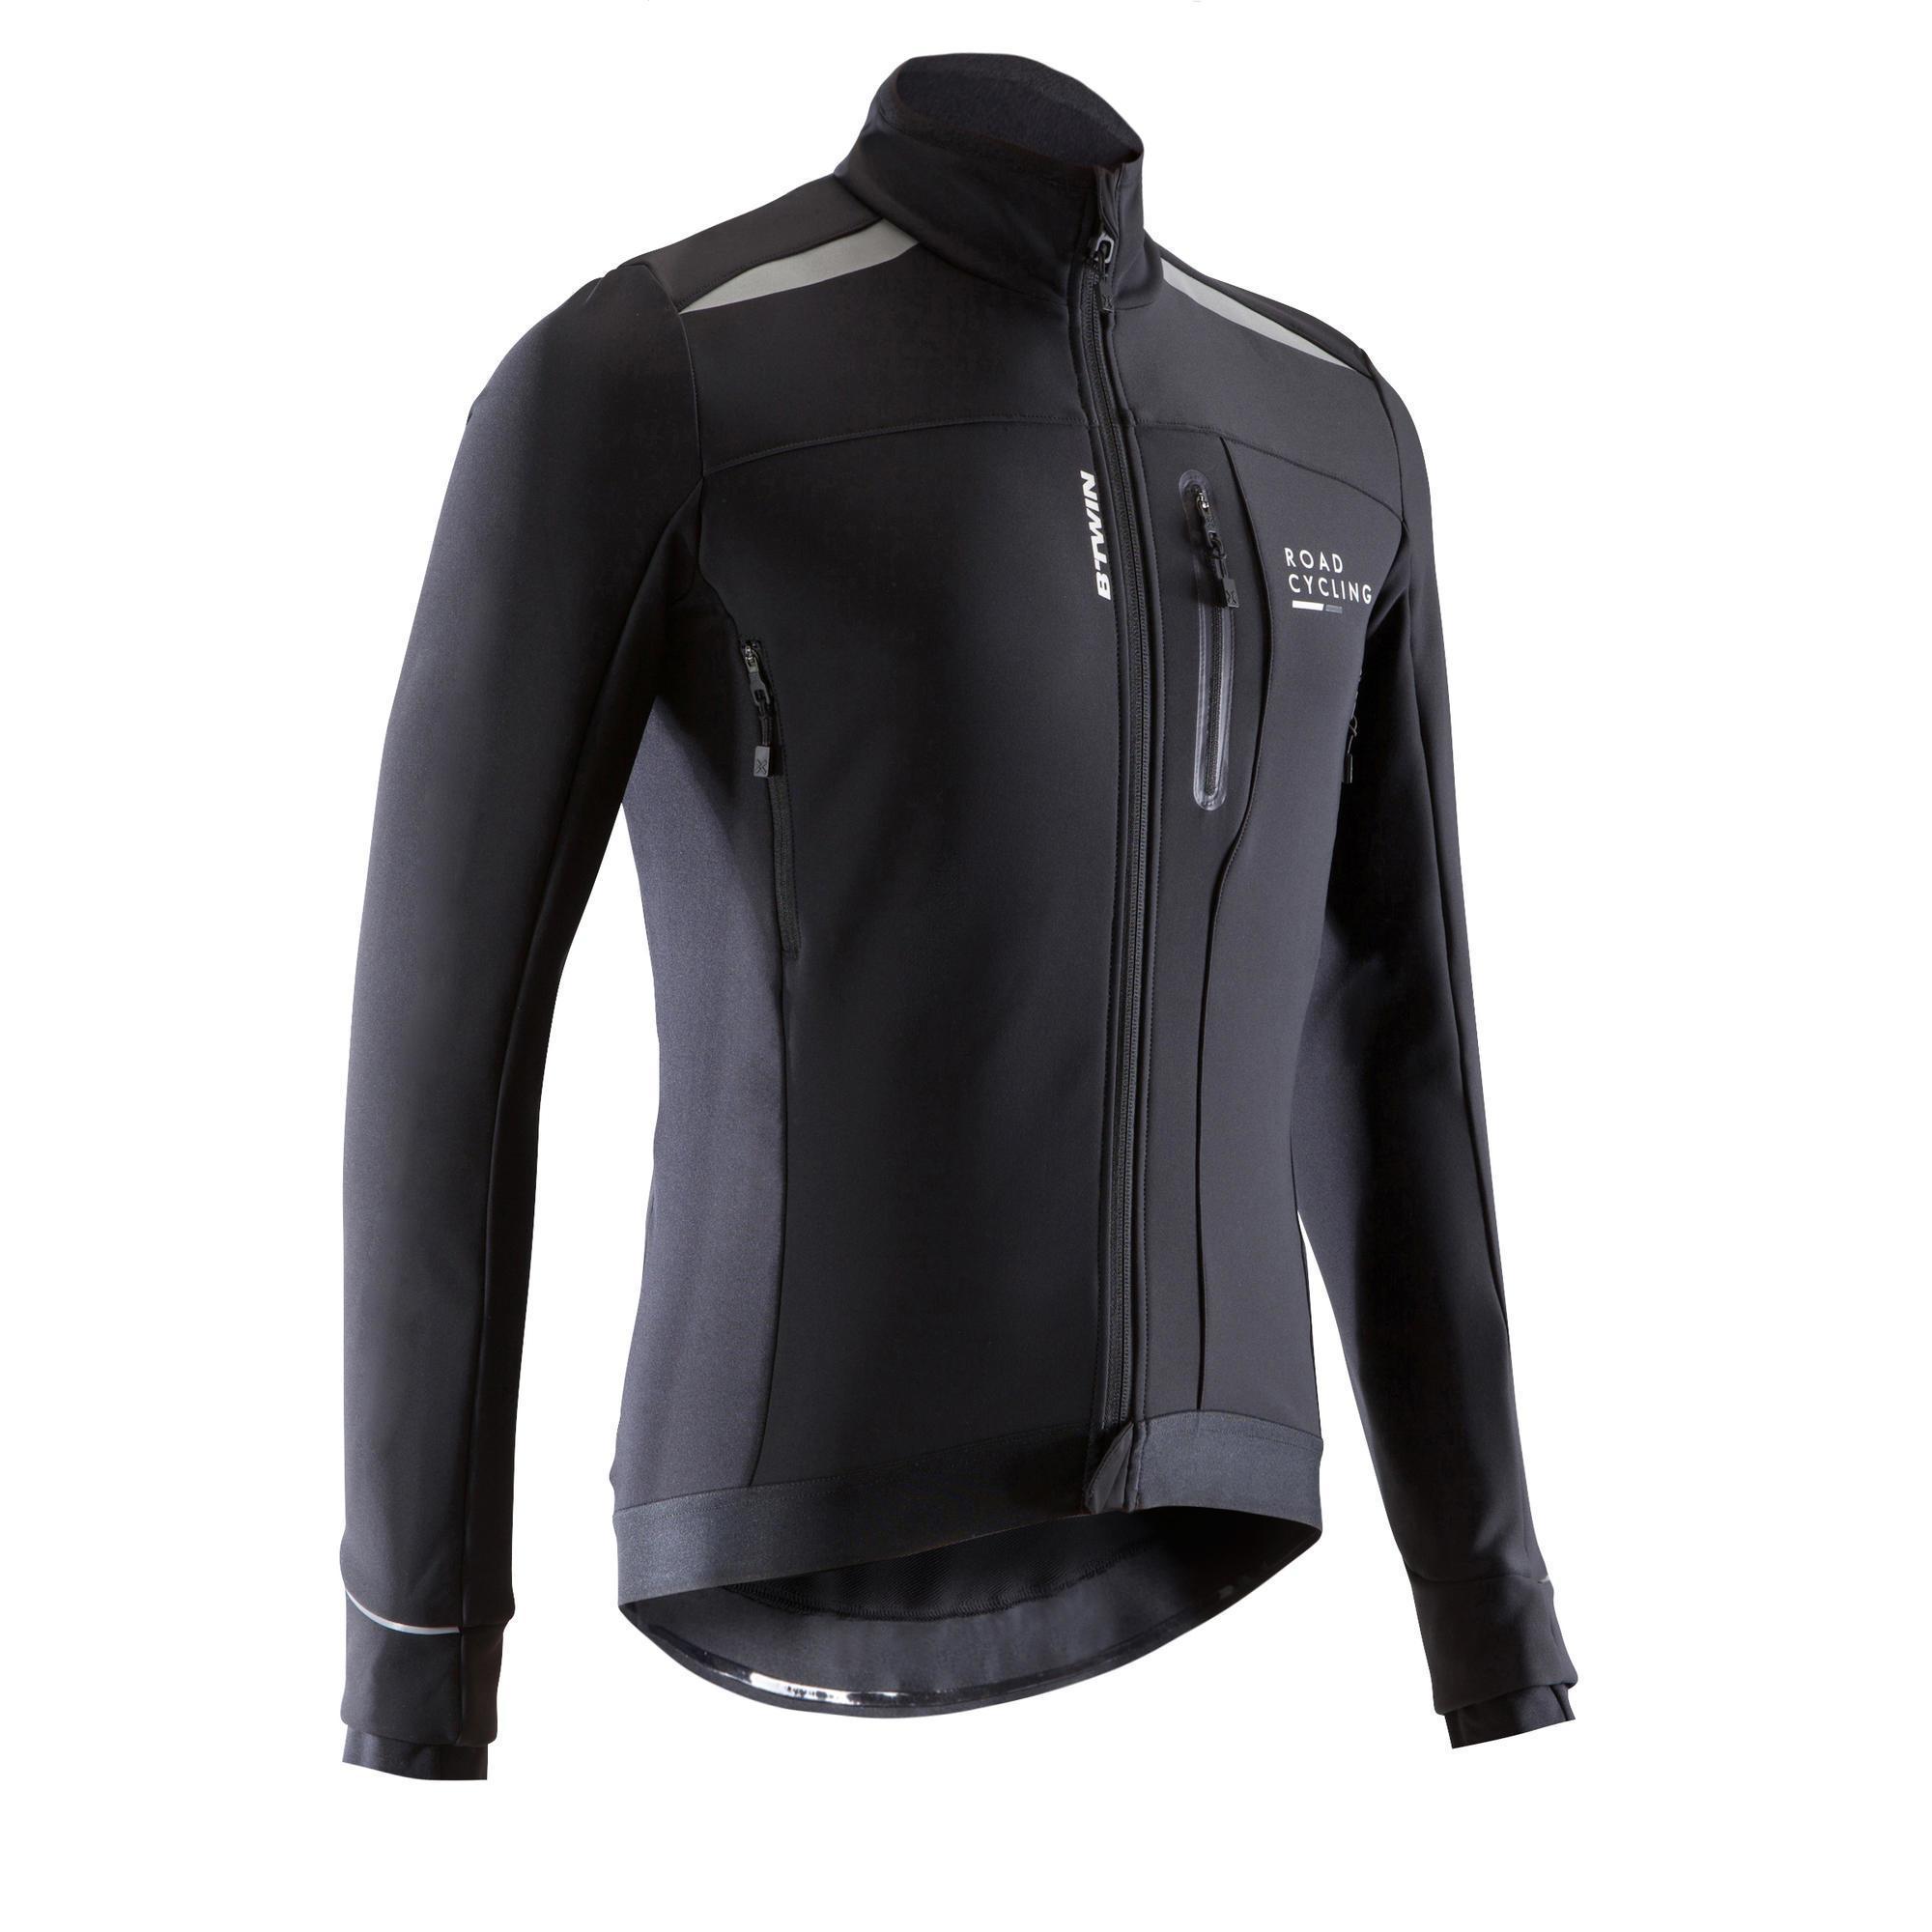 Triban Fietsjas voor heren 500 roadcycling koud weer zwart